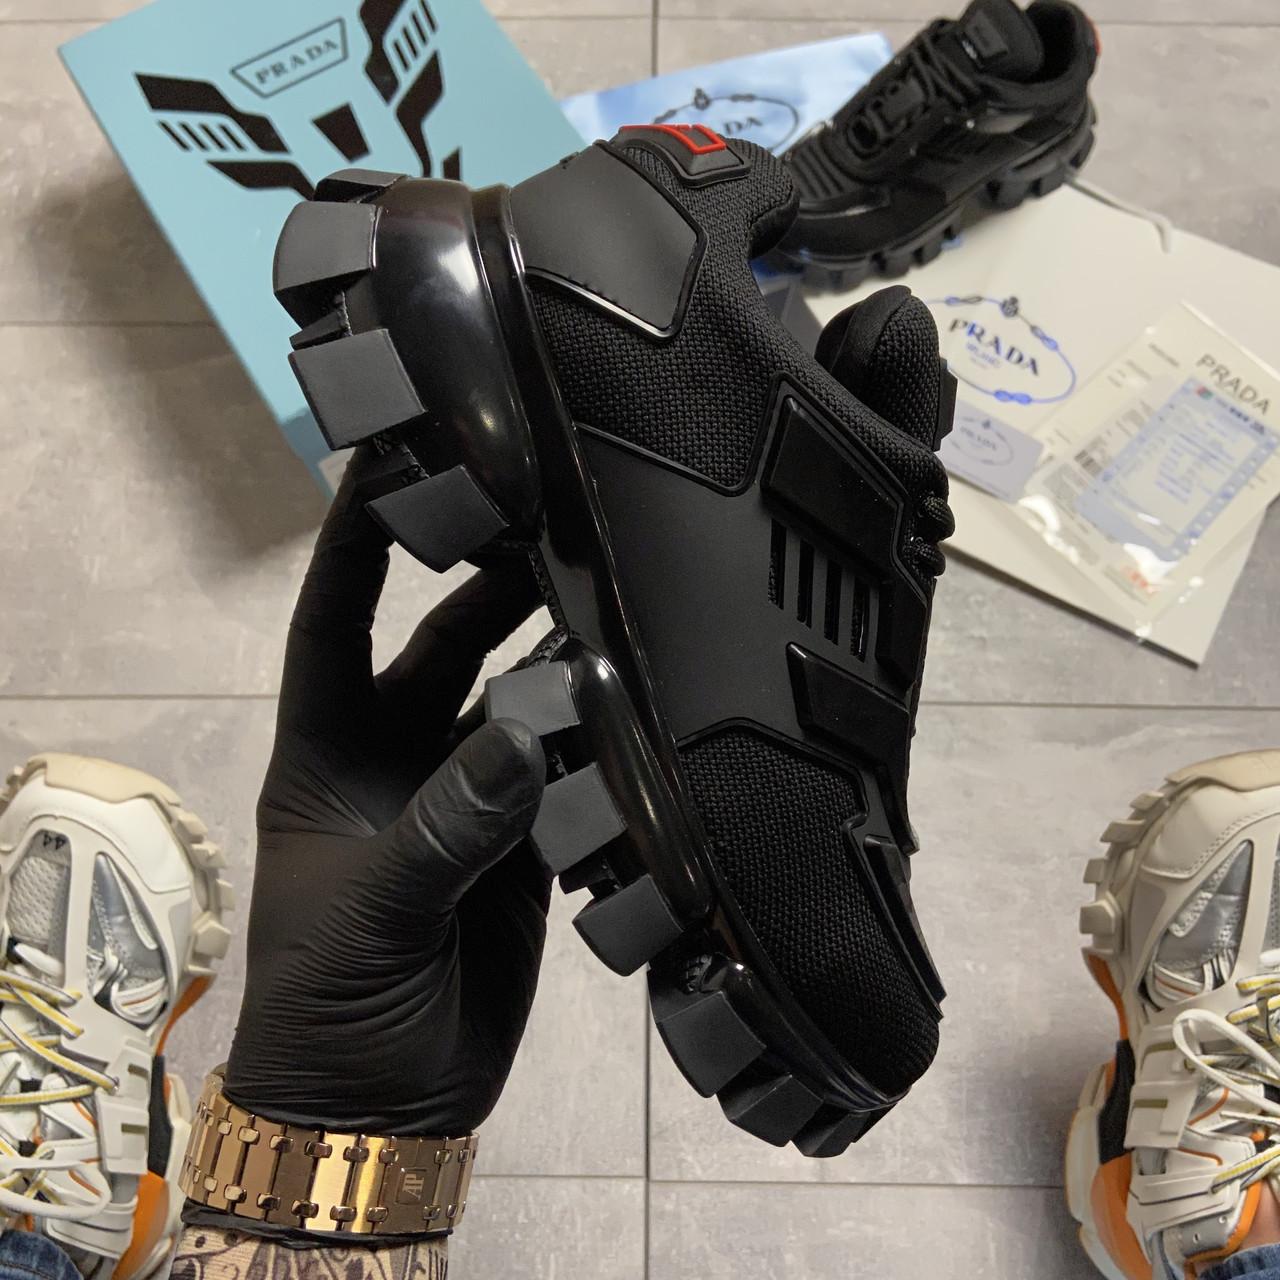 Кроссовки женские Prada Cloudbust Thunder Triple Black. Стильные женские кроссовки.